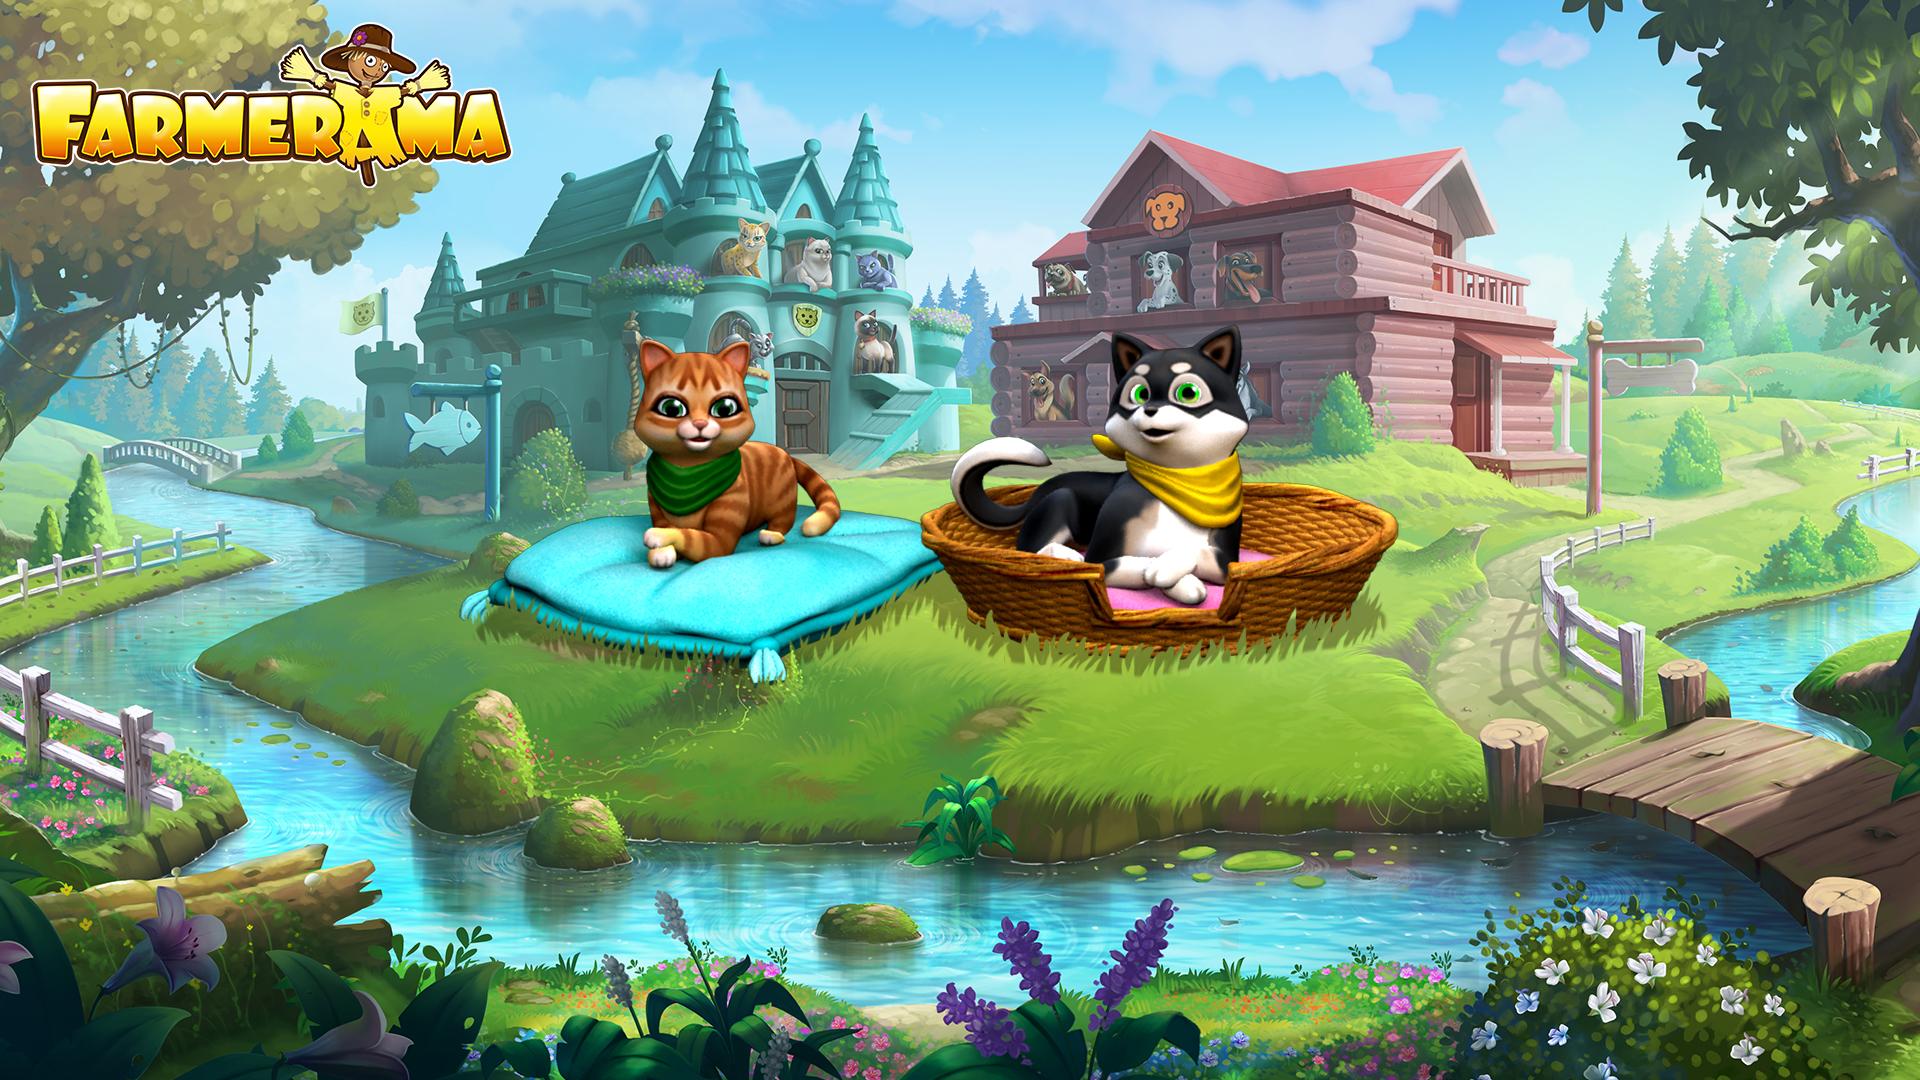 Farmerama_CatsDogs_Wallpaper.jpg